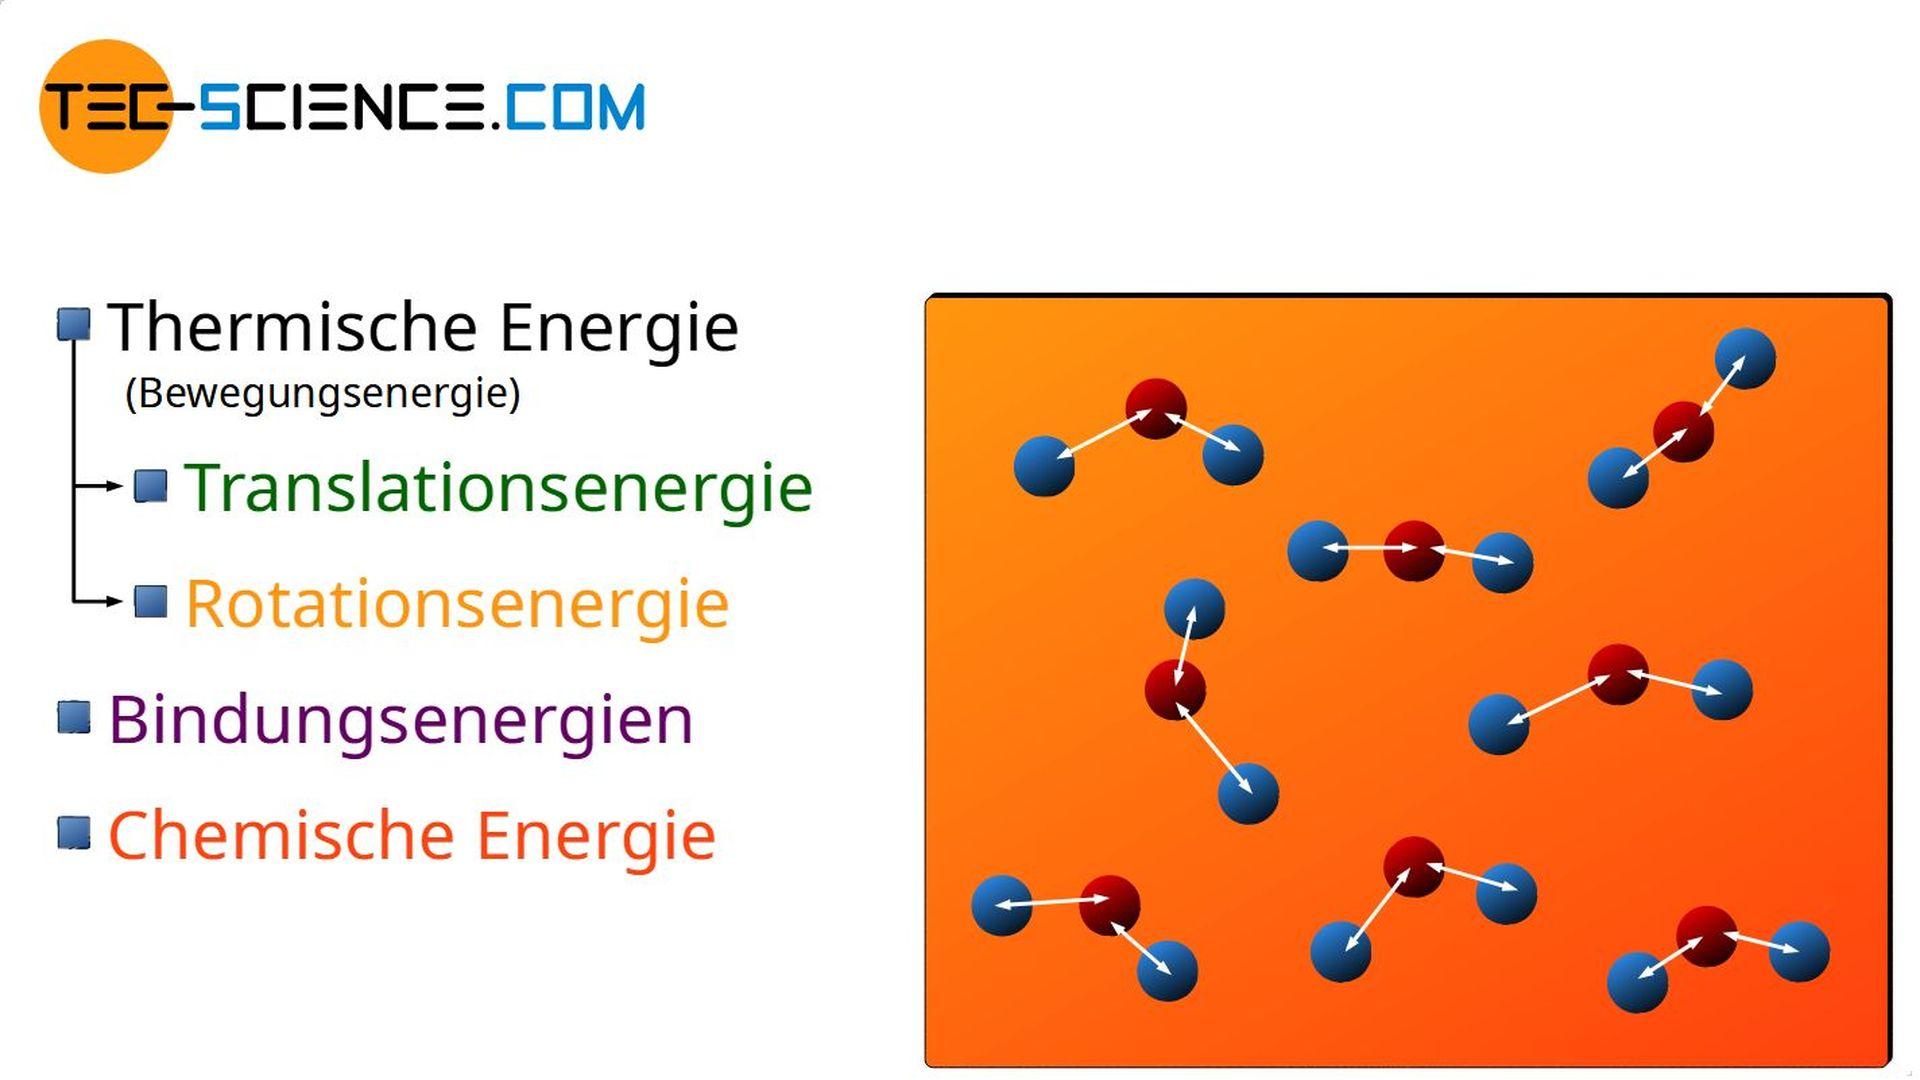 Chemische Energie als Teil der inneren Energie eines Stoffes